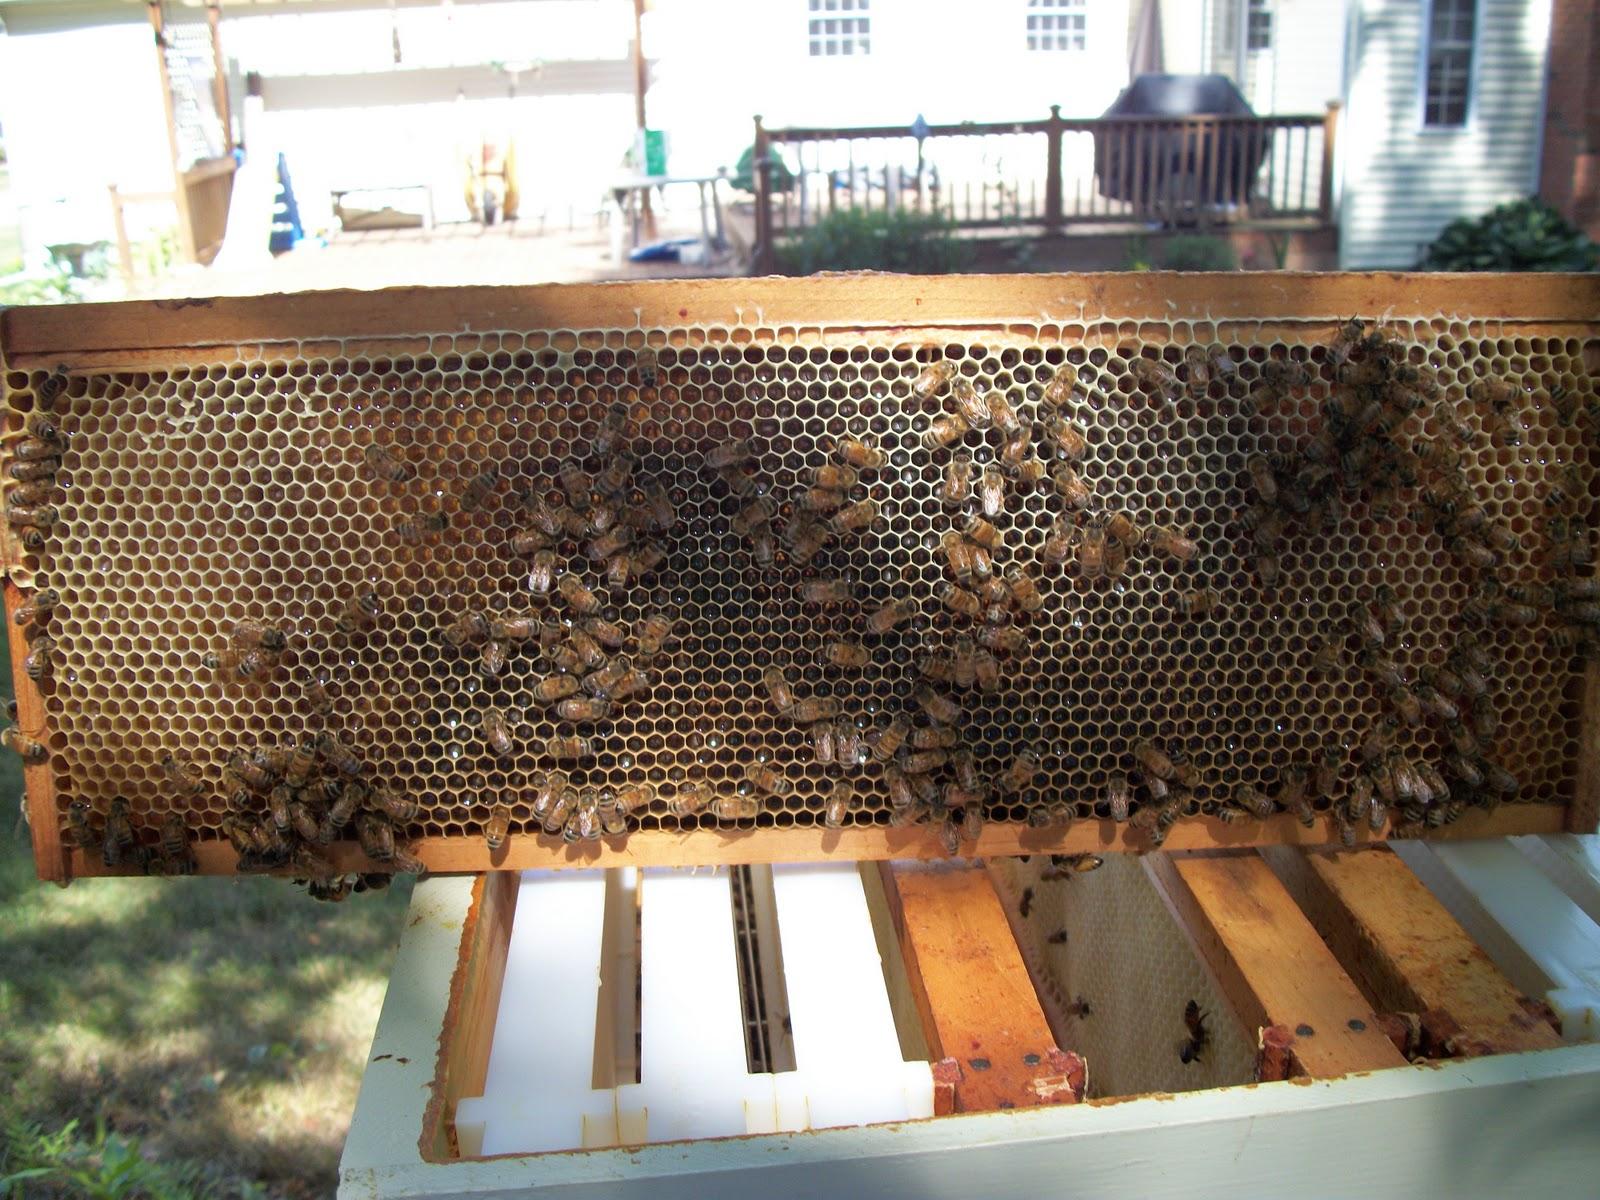 steven u0026 39 s bees  recent inspections